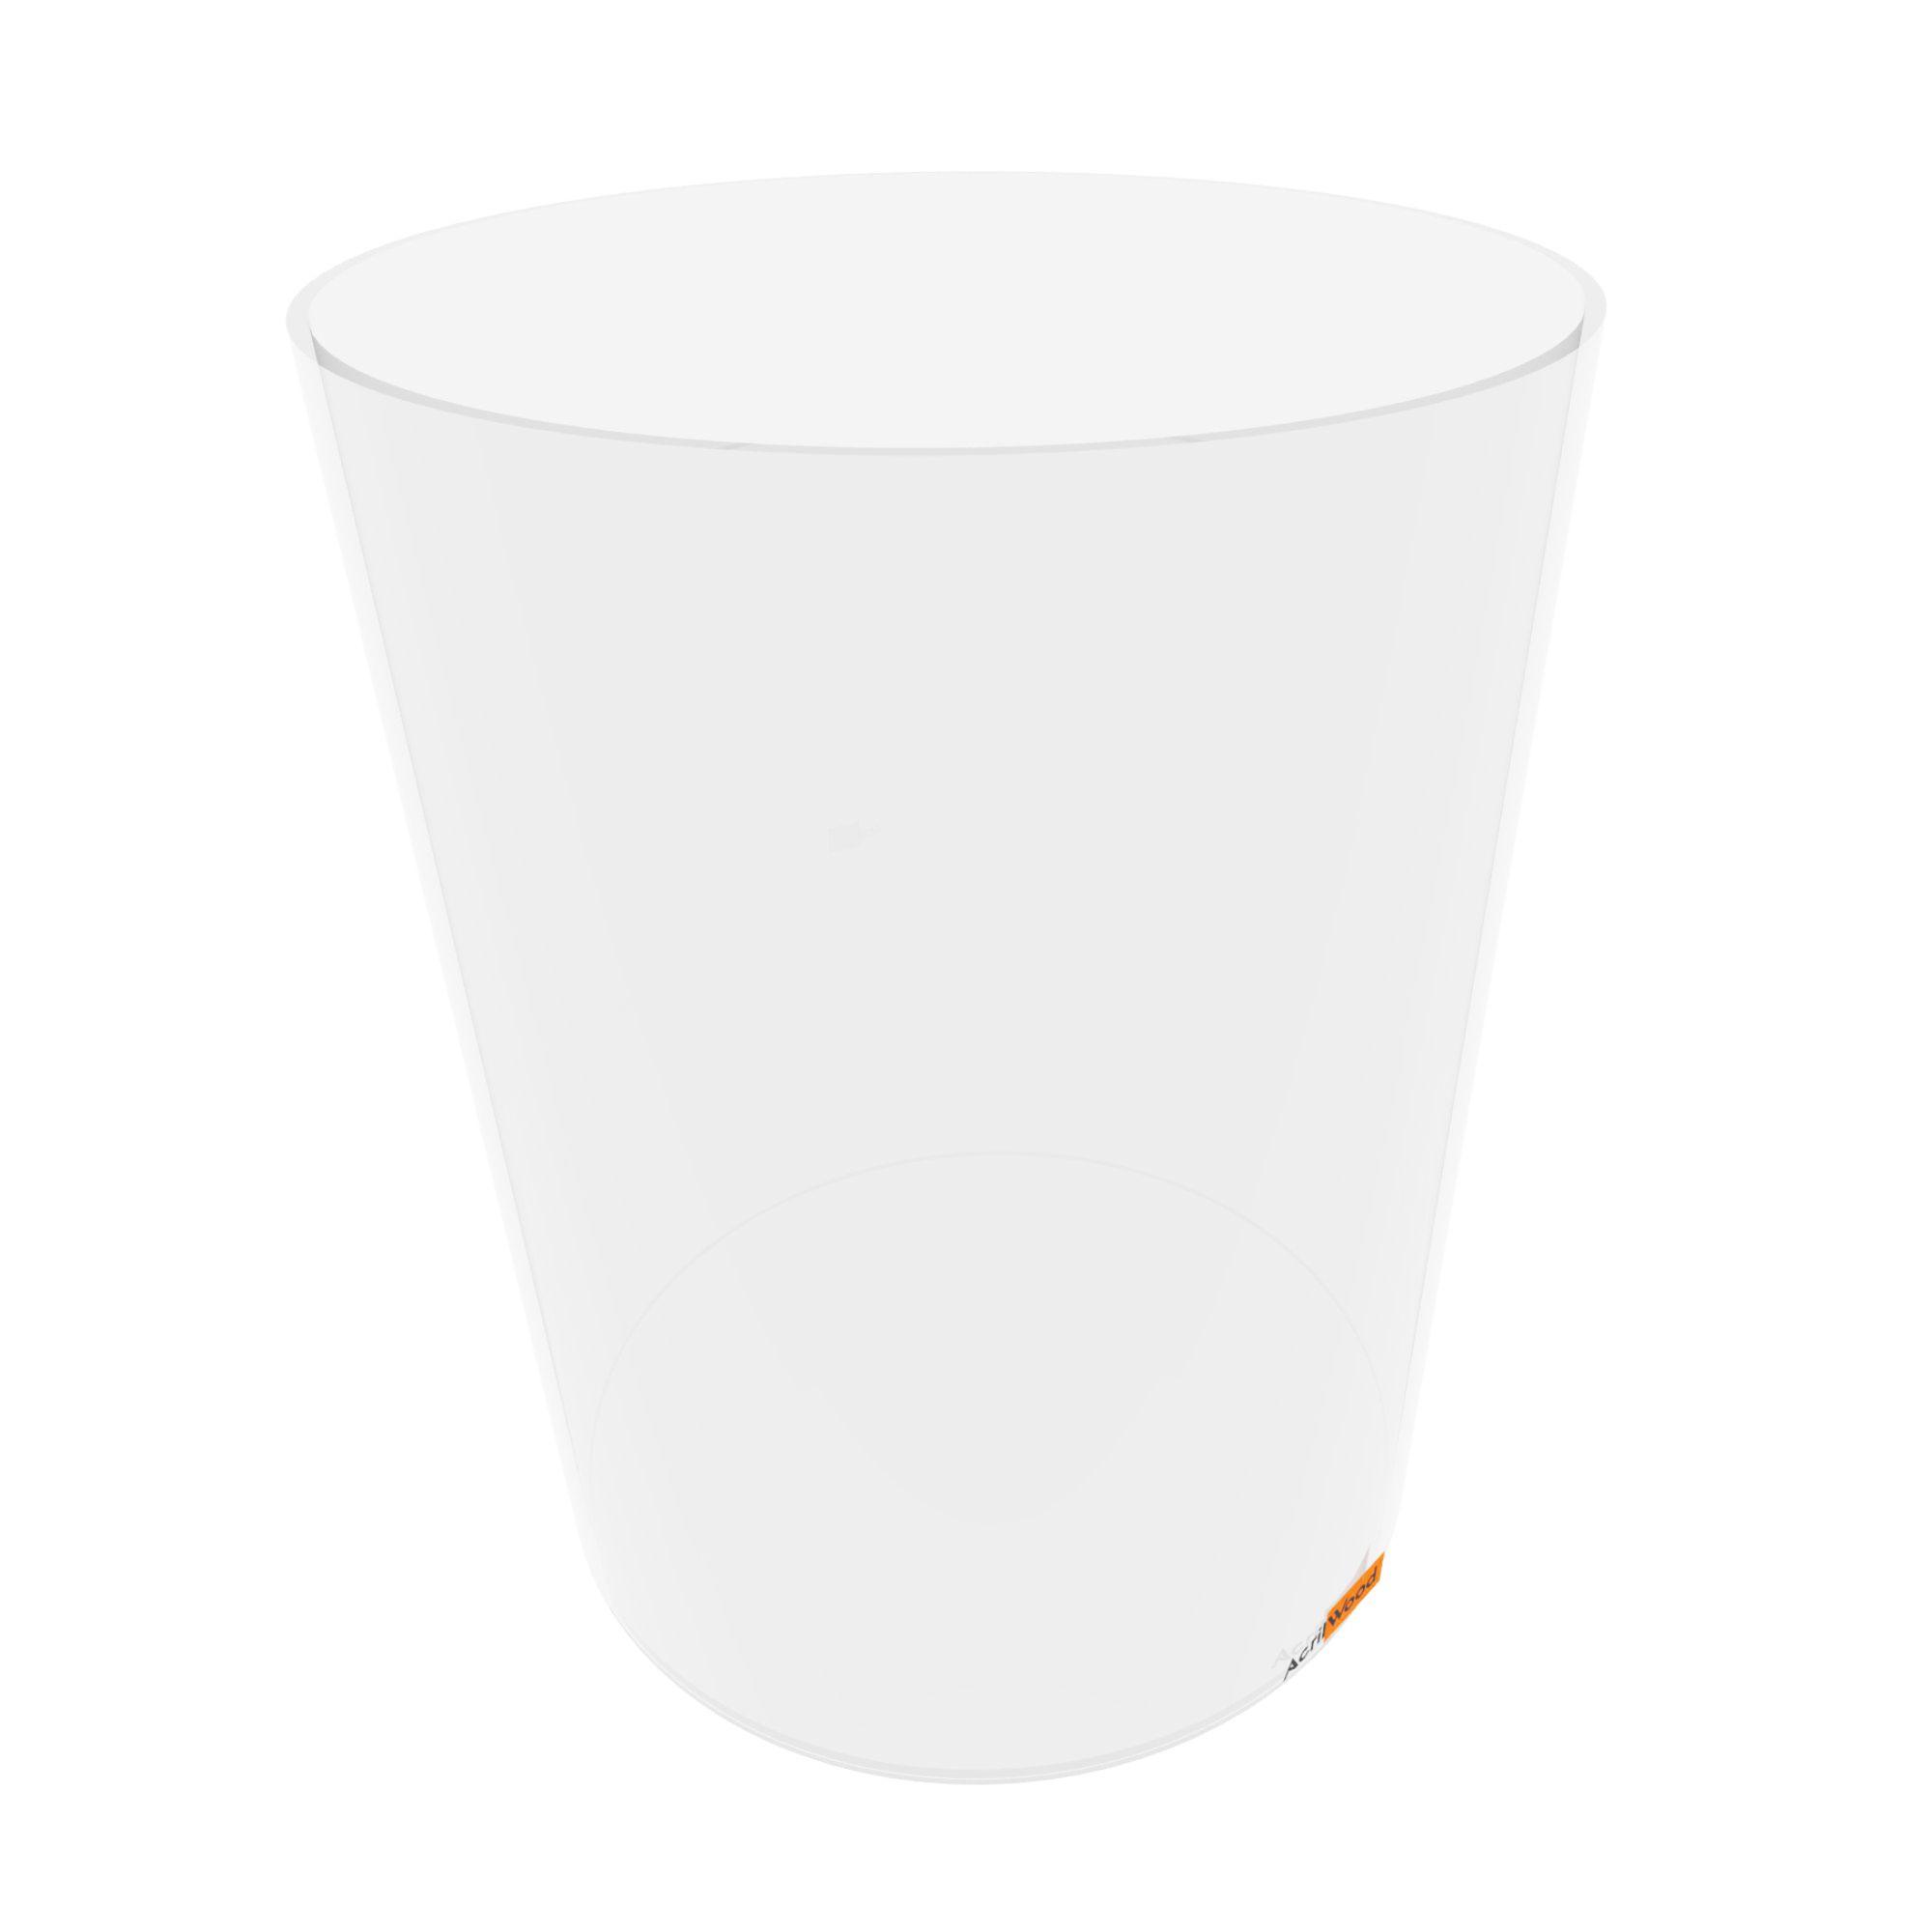 Pote Redondo Em Acrílico Cristal Para Alimentos - 30x40cm